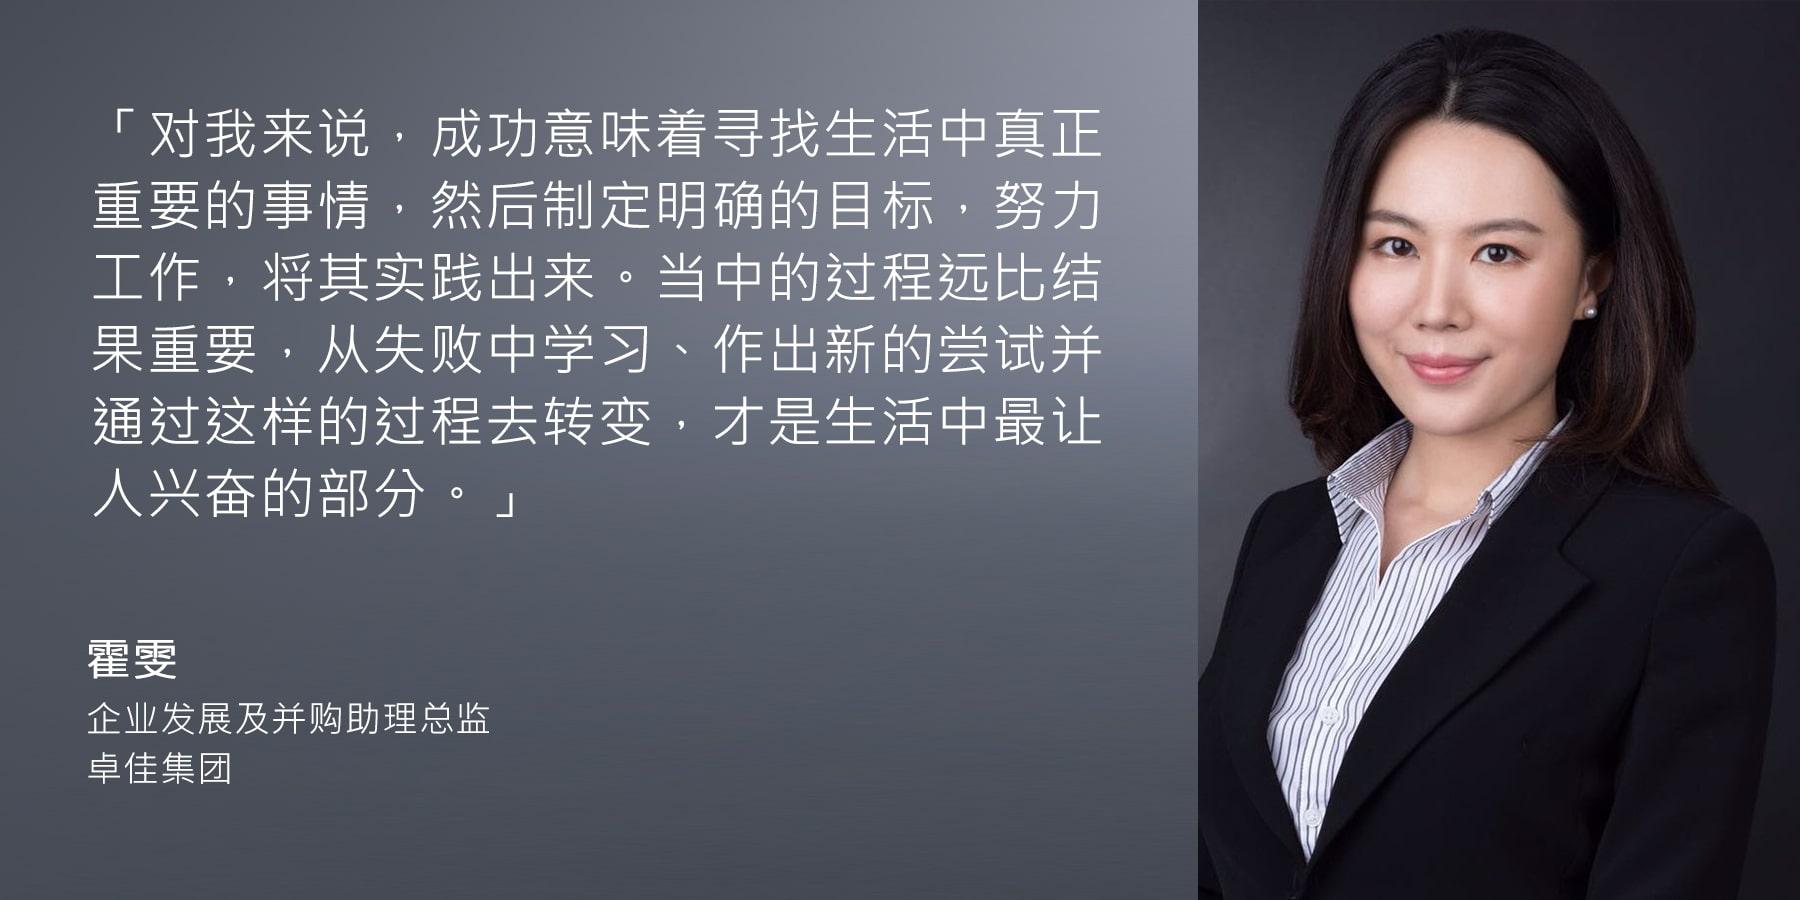 霍雯 - 企业发展及并购助理总监 - 卓佳集团